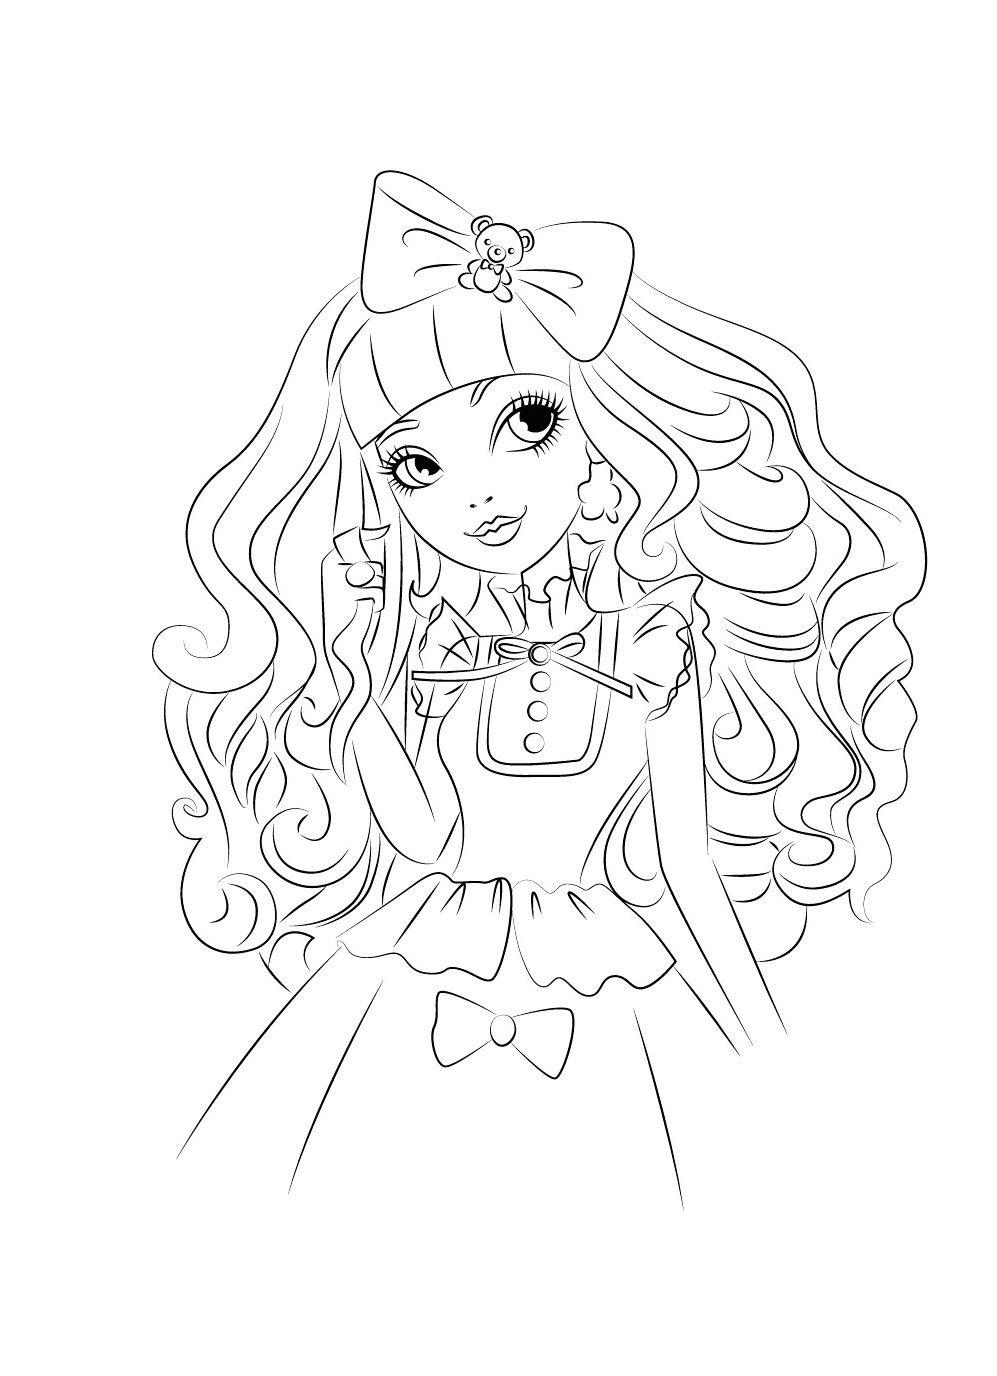 Monster High Geburtstag Ausmalbilder : Blondie Locks Ausmalbilder Fajne Pinterest